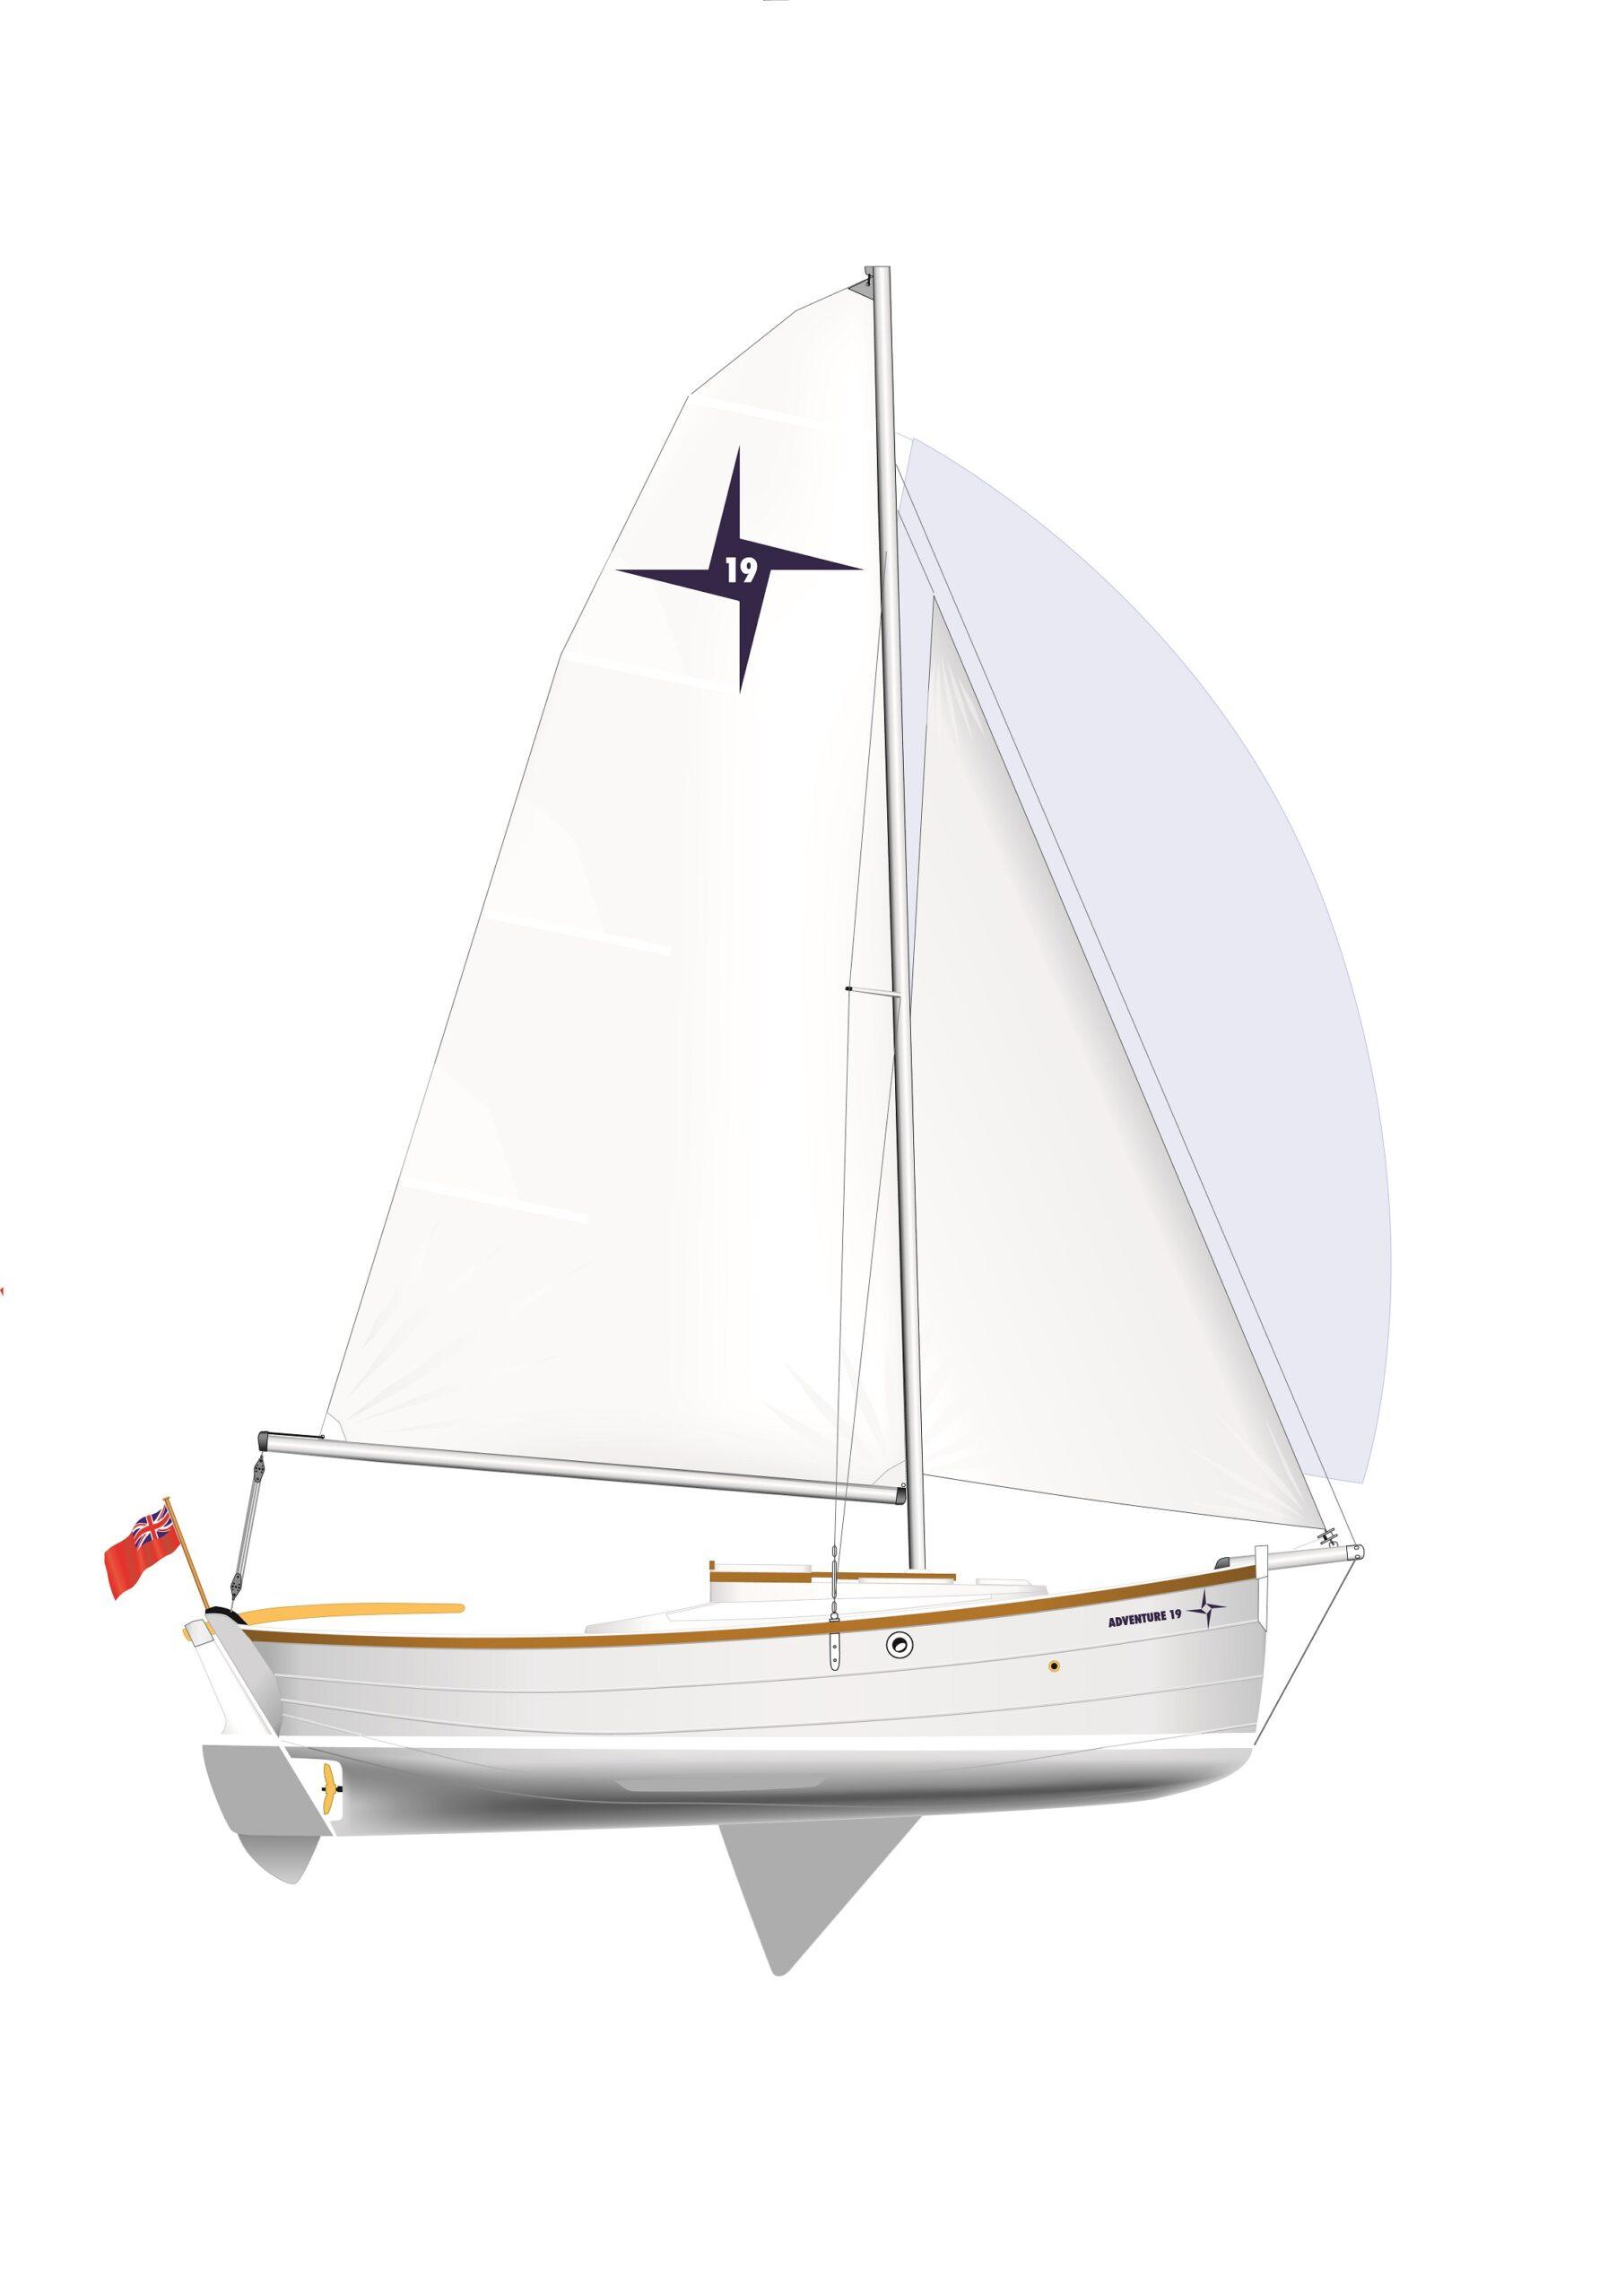 aventure19-plan de voile à l'échelle